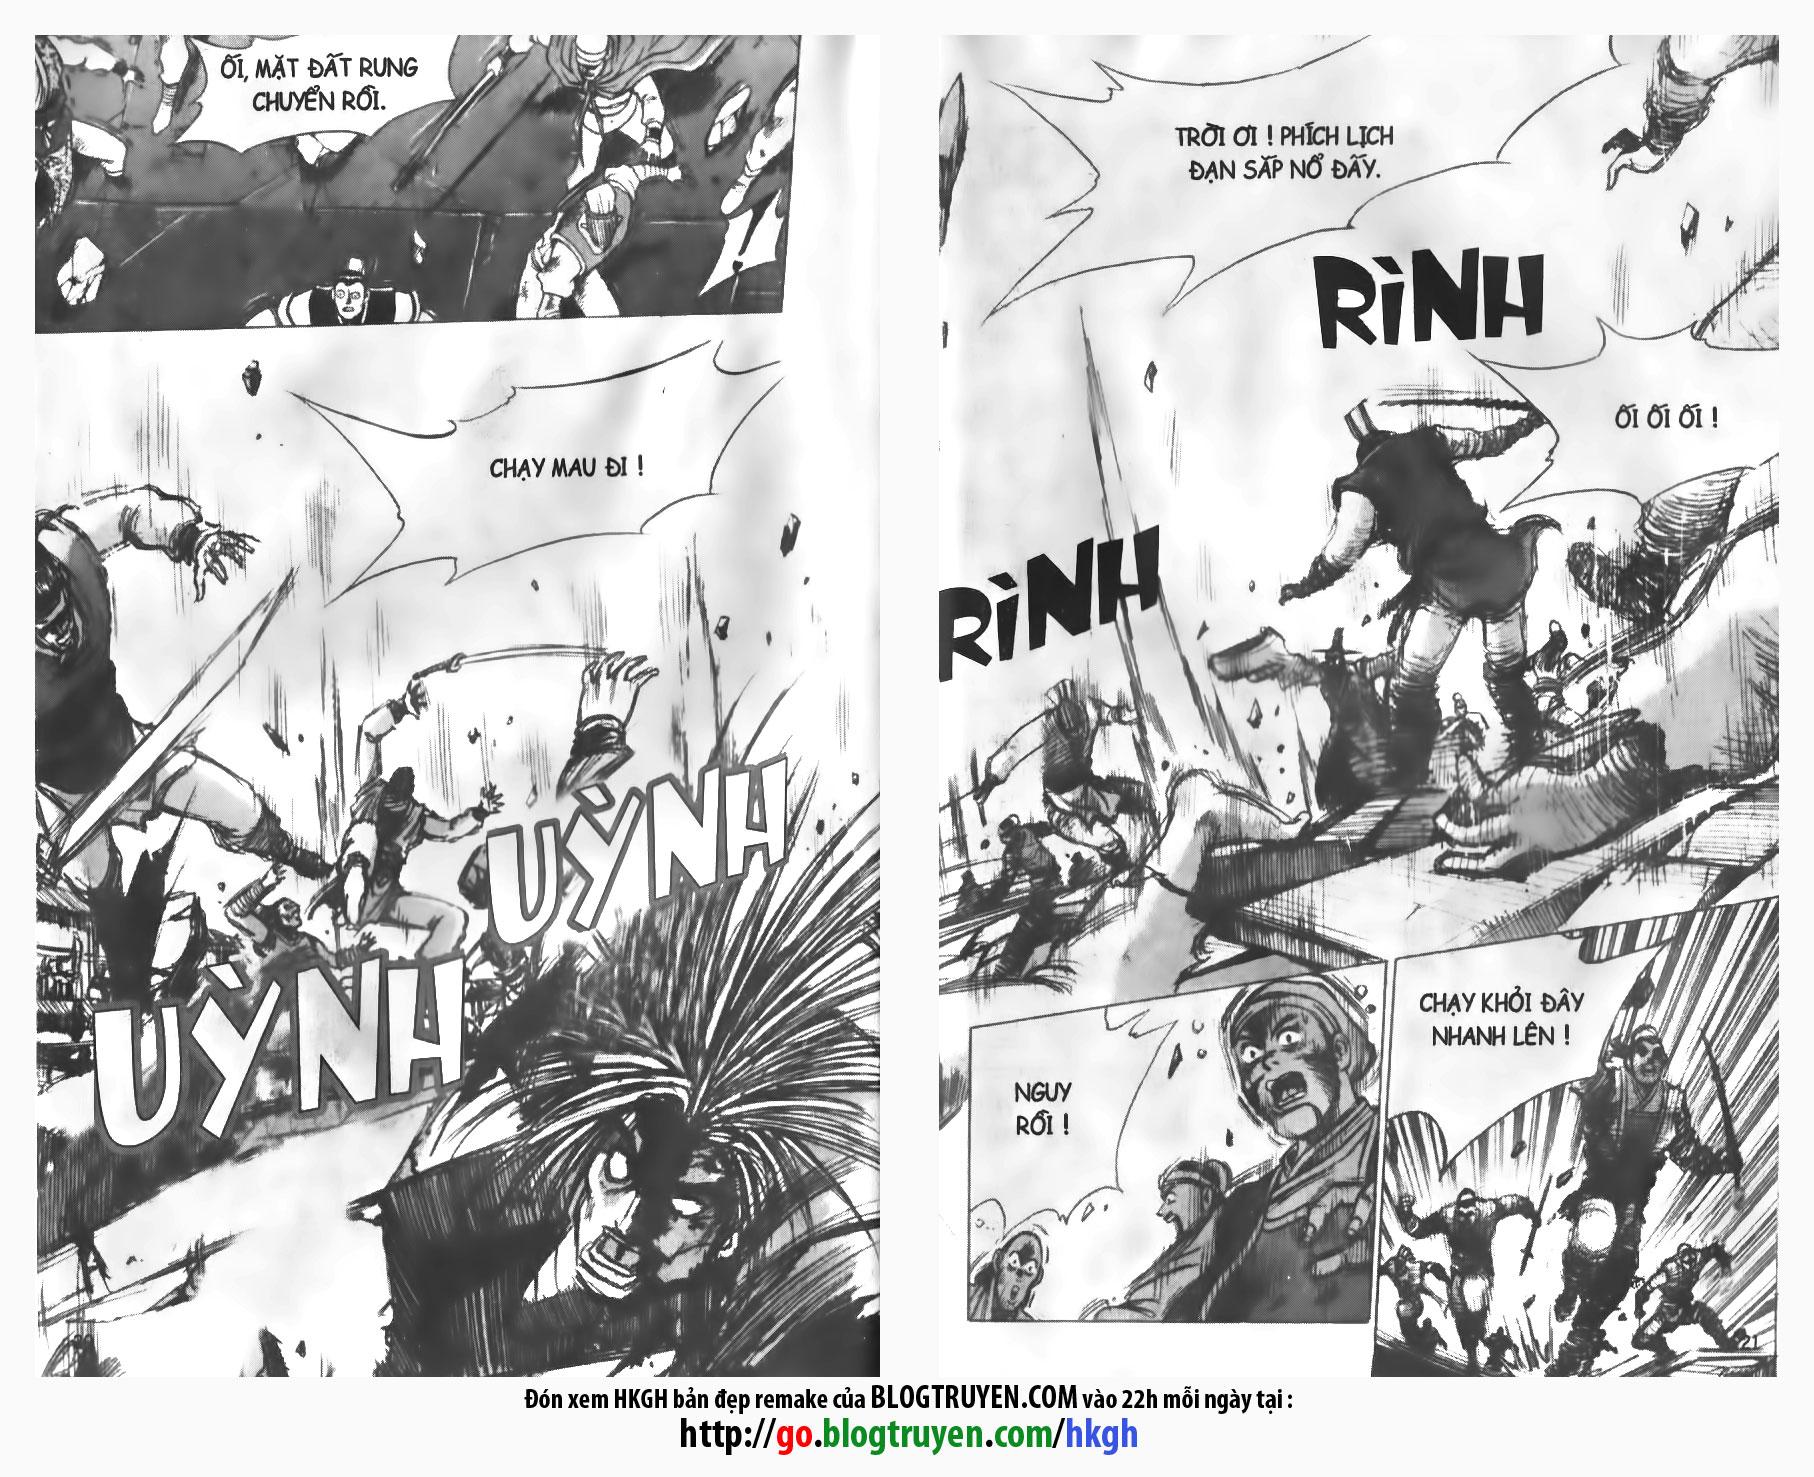 xem truyen moi - Hiệp Khách Giang Hồ Vol21 - Chap 138 - Remake